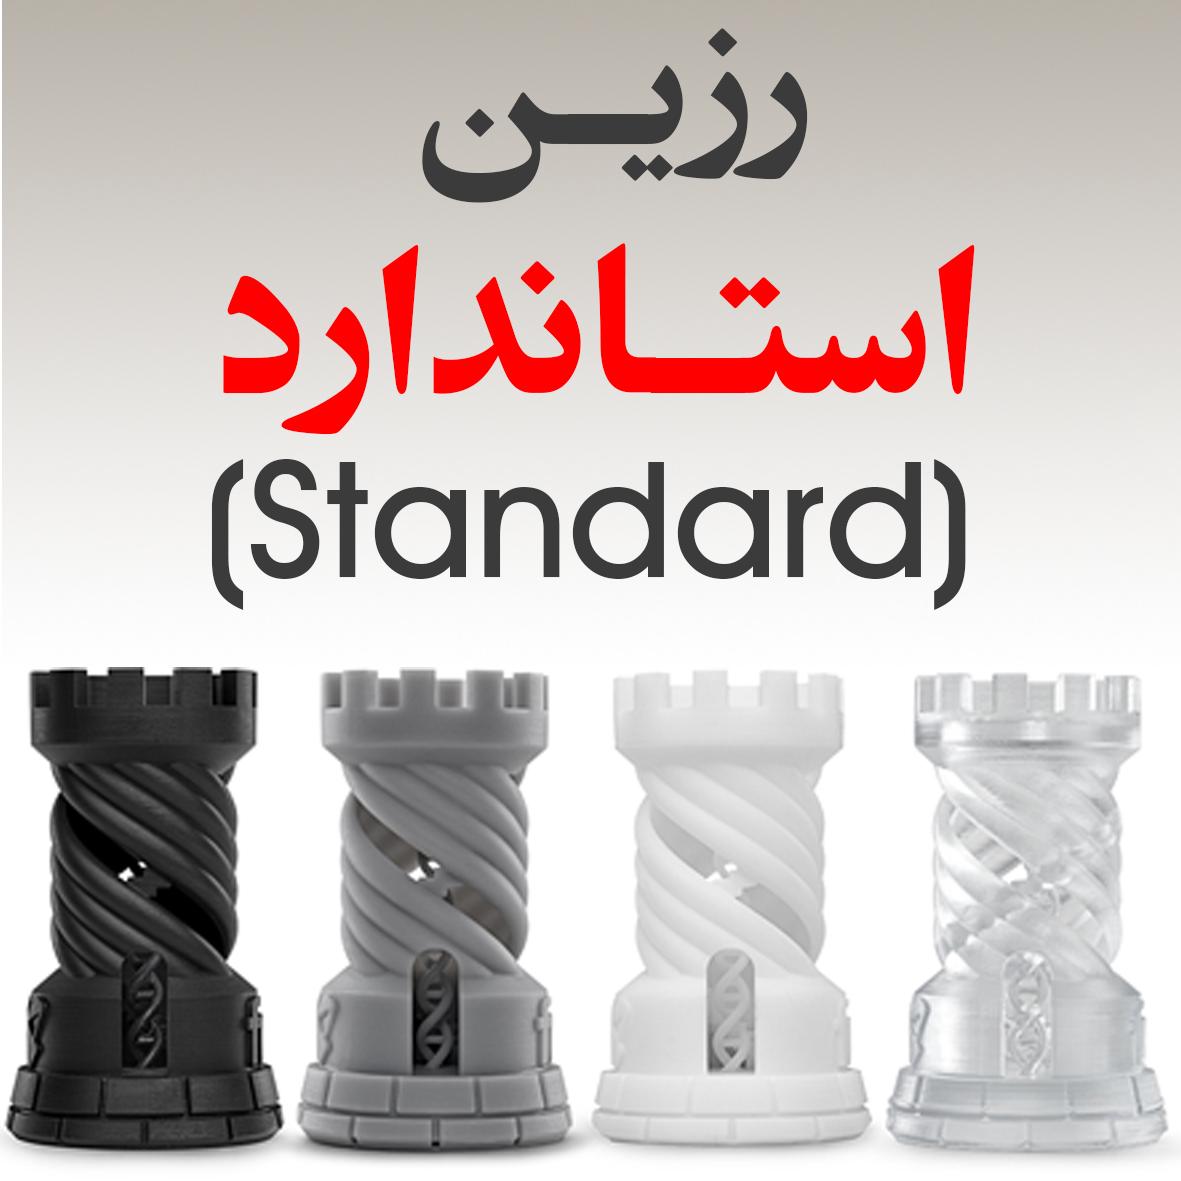 رزین استاندارد - خدمات پرینت سه بعدی SLA نیکانو